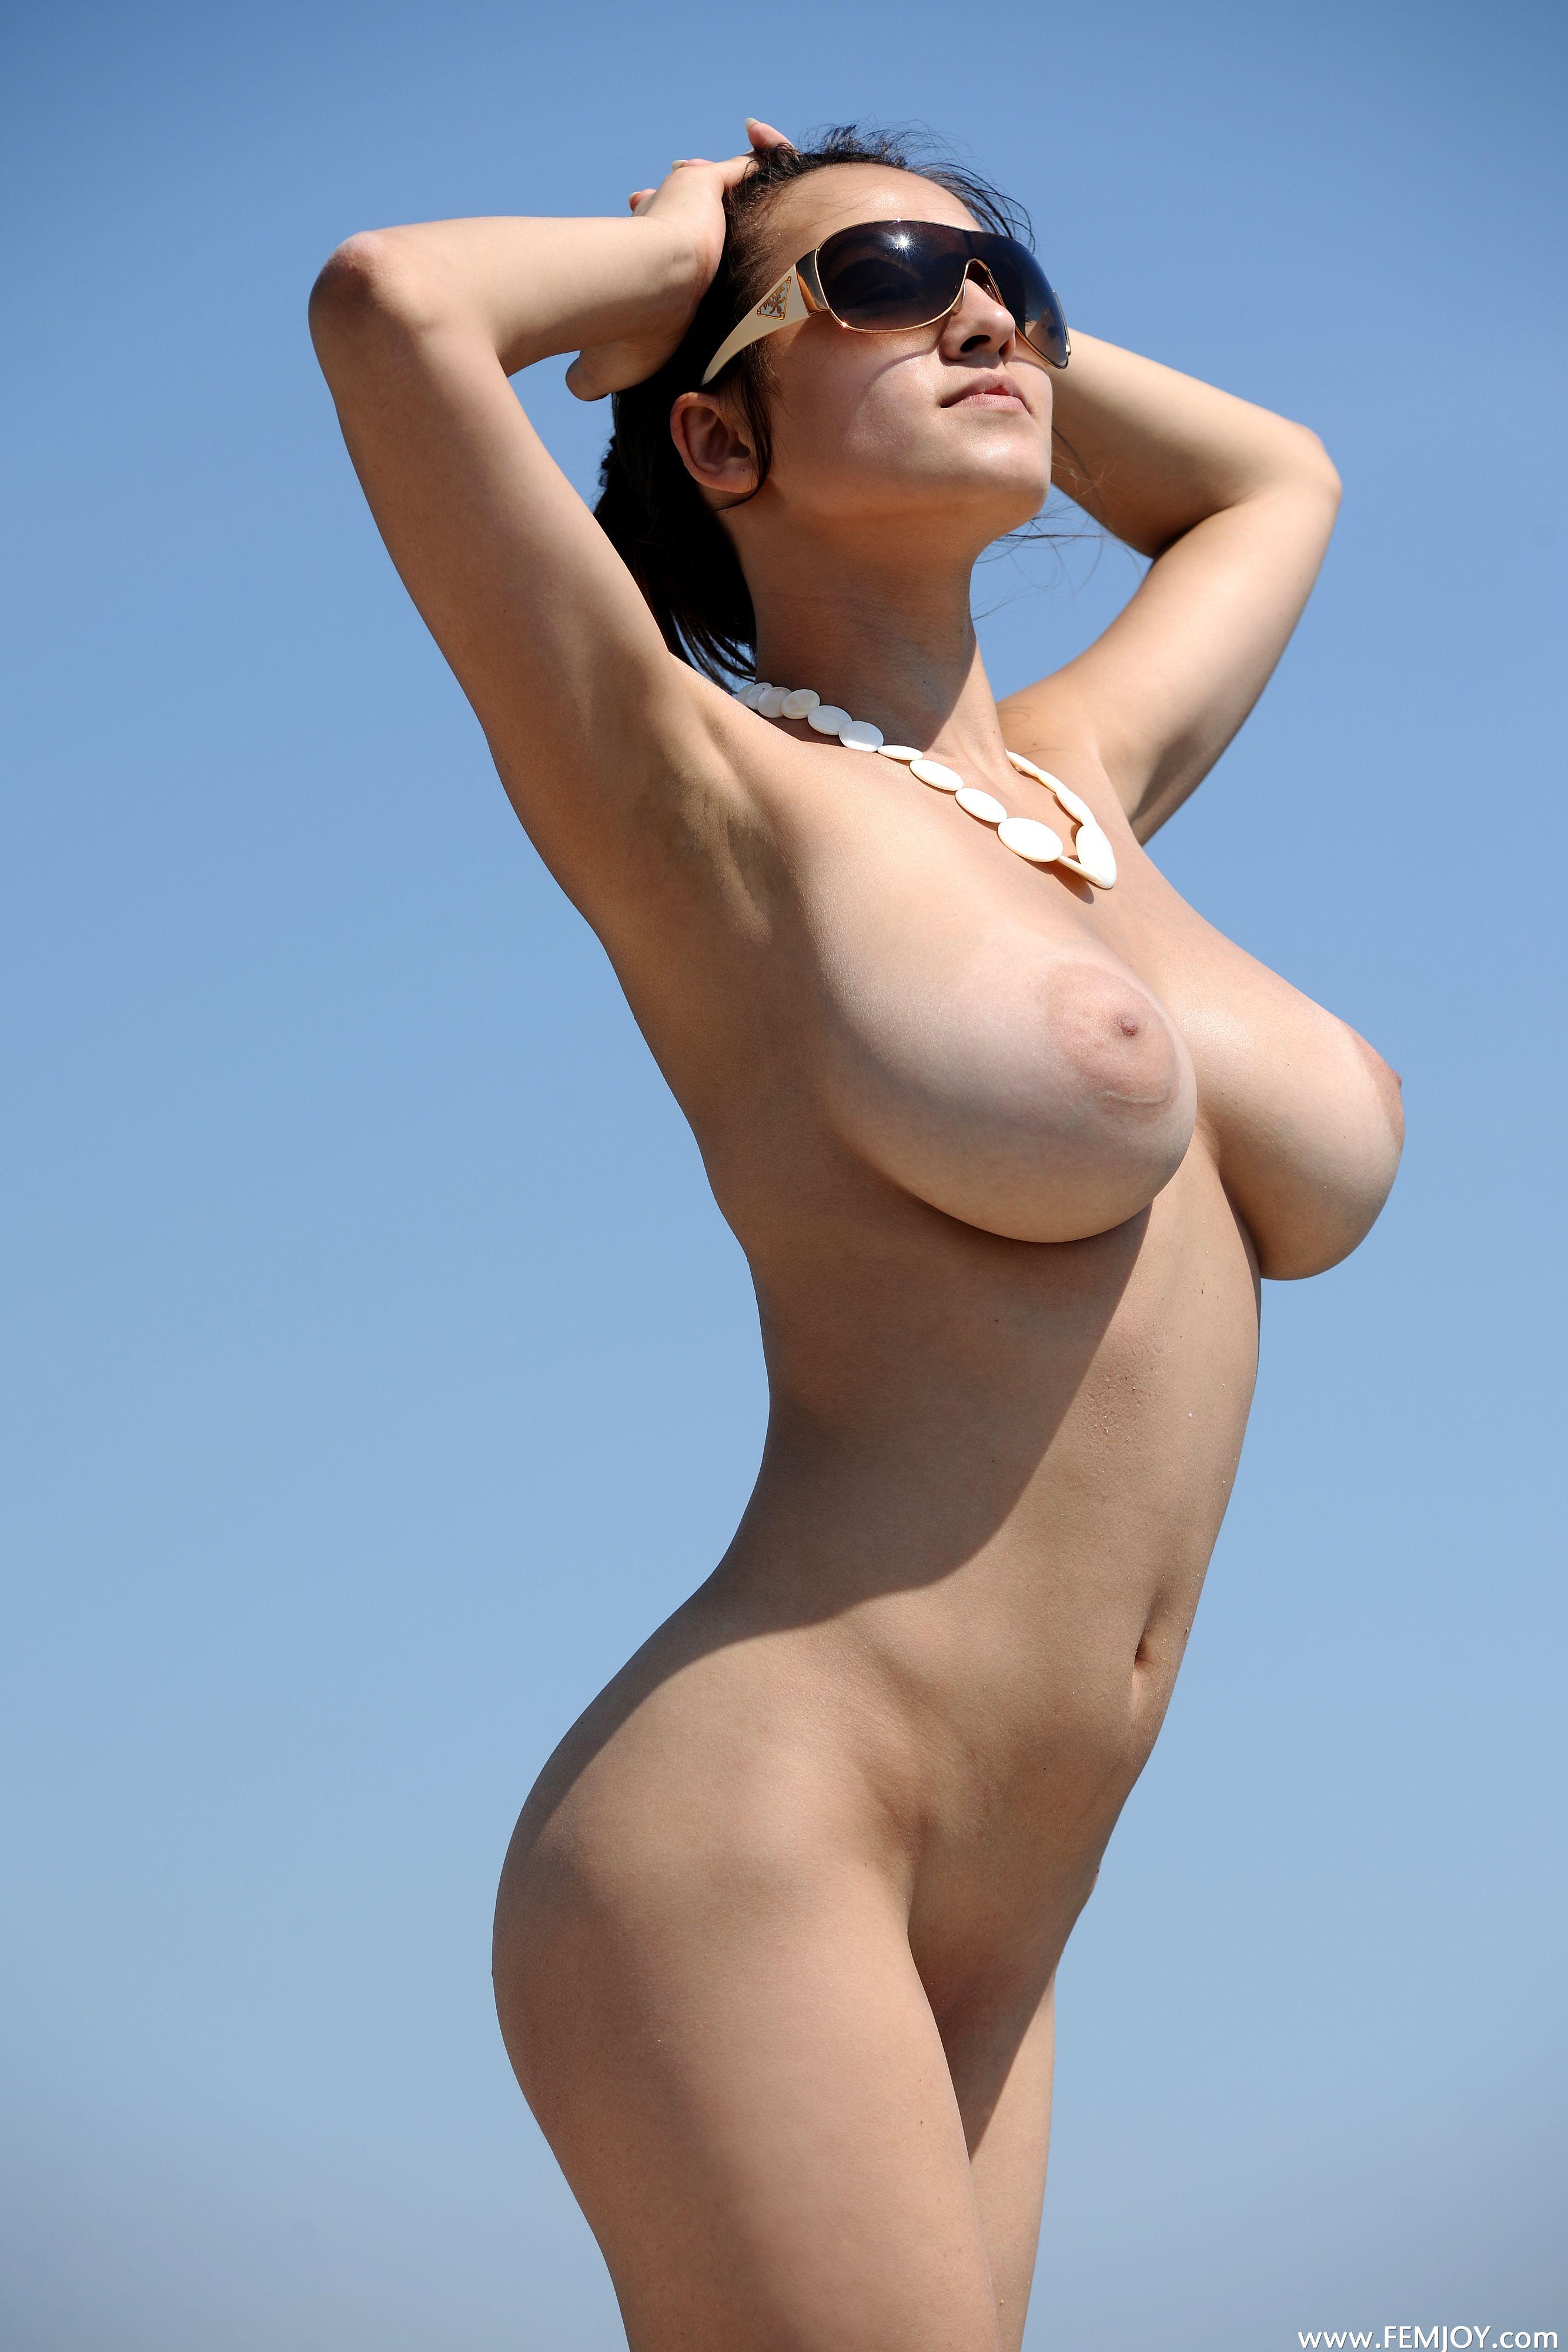 Загорелые девушки с голой груди